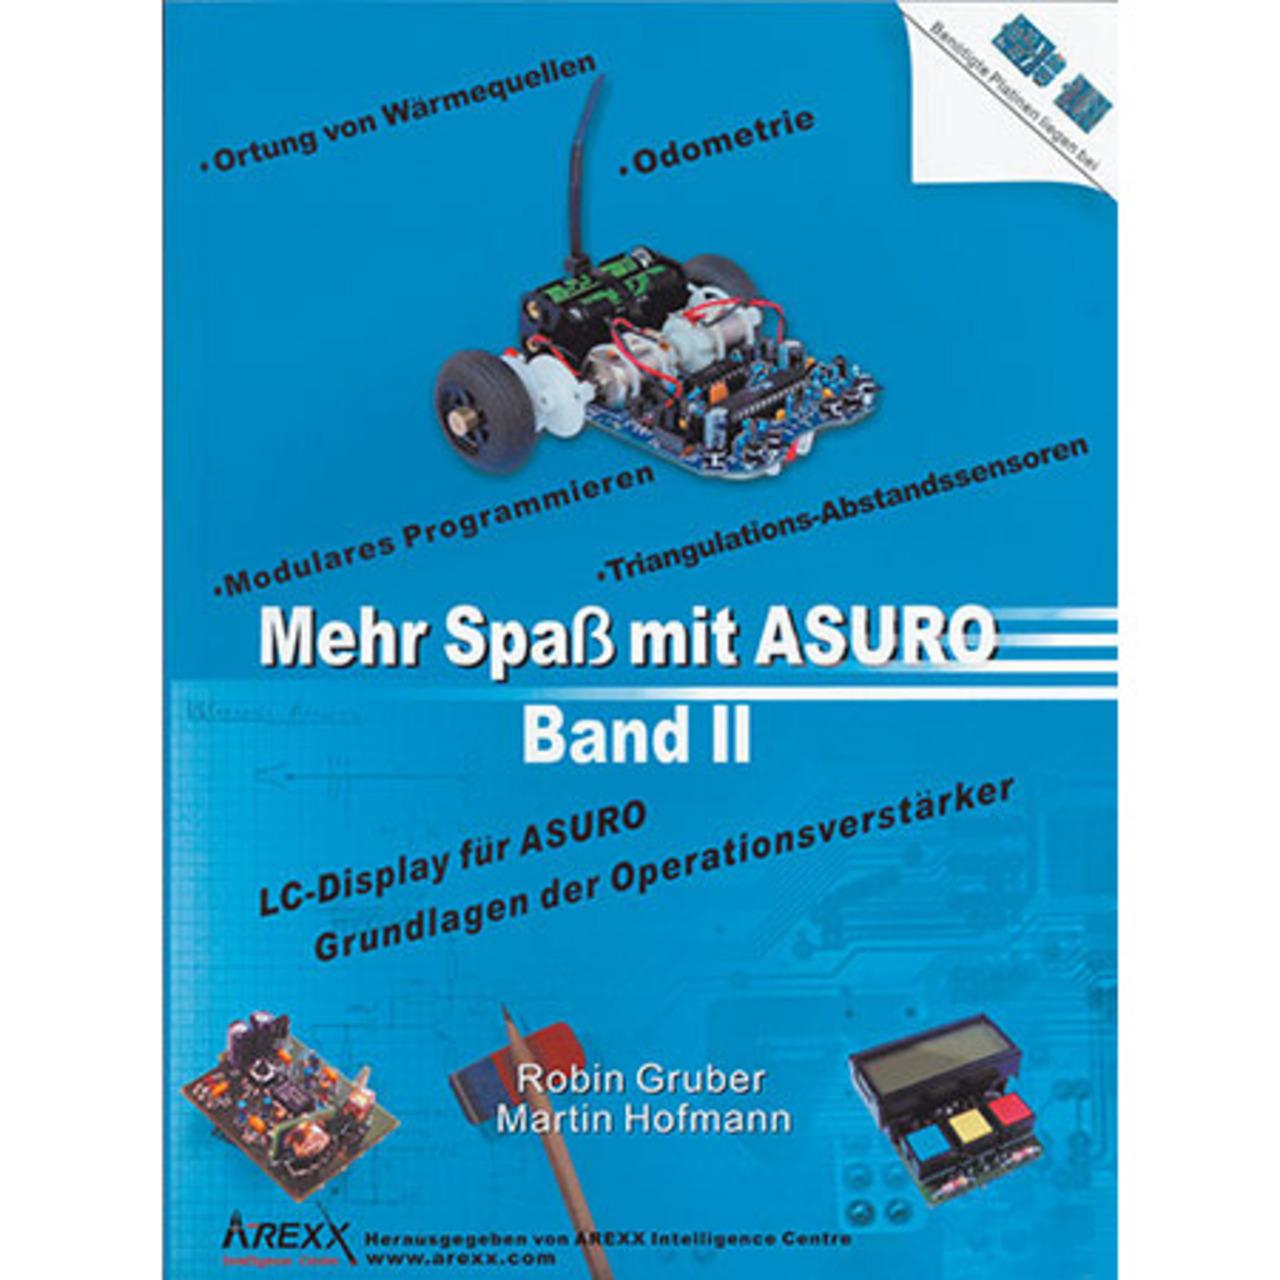 AREXX Mehr Spass mit ASURO Band II